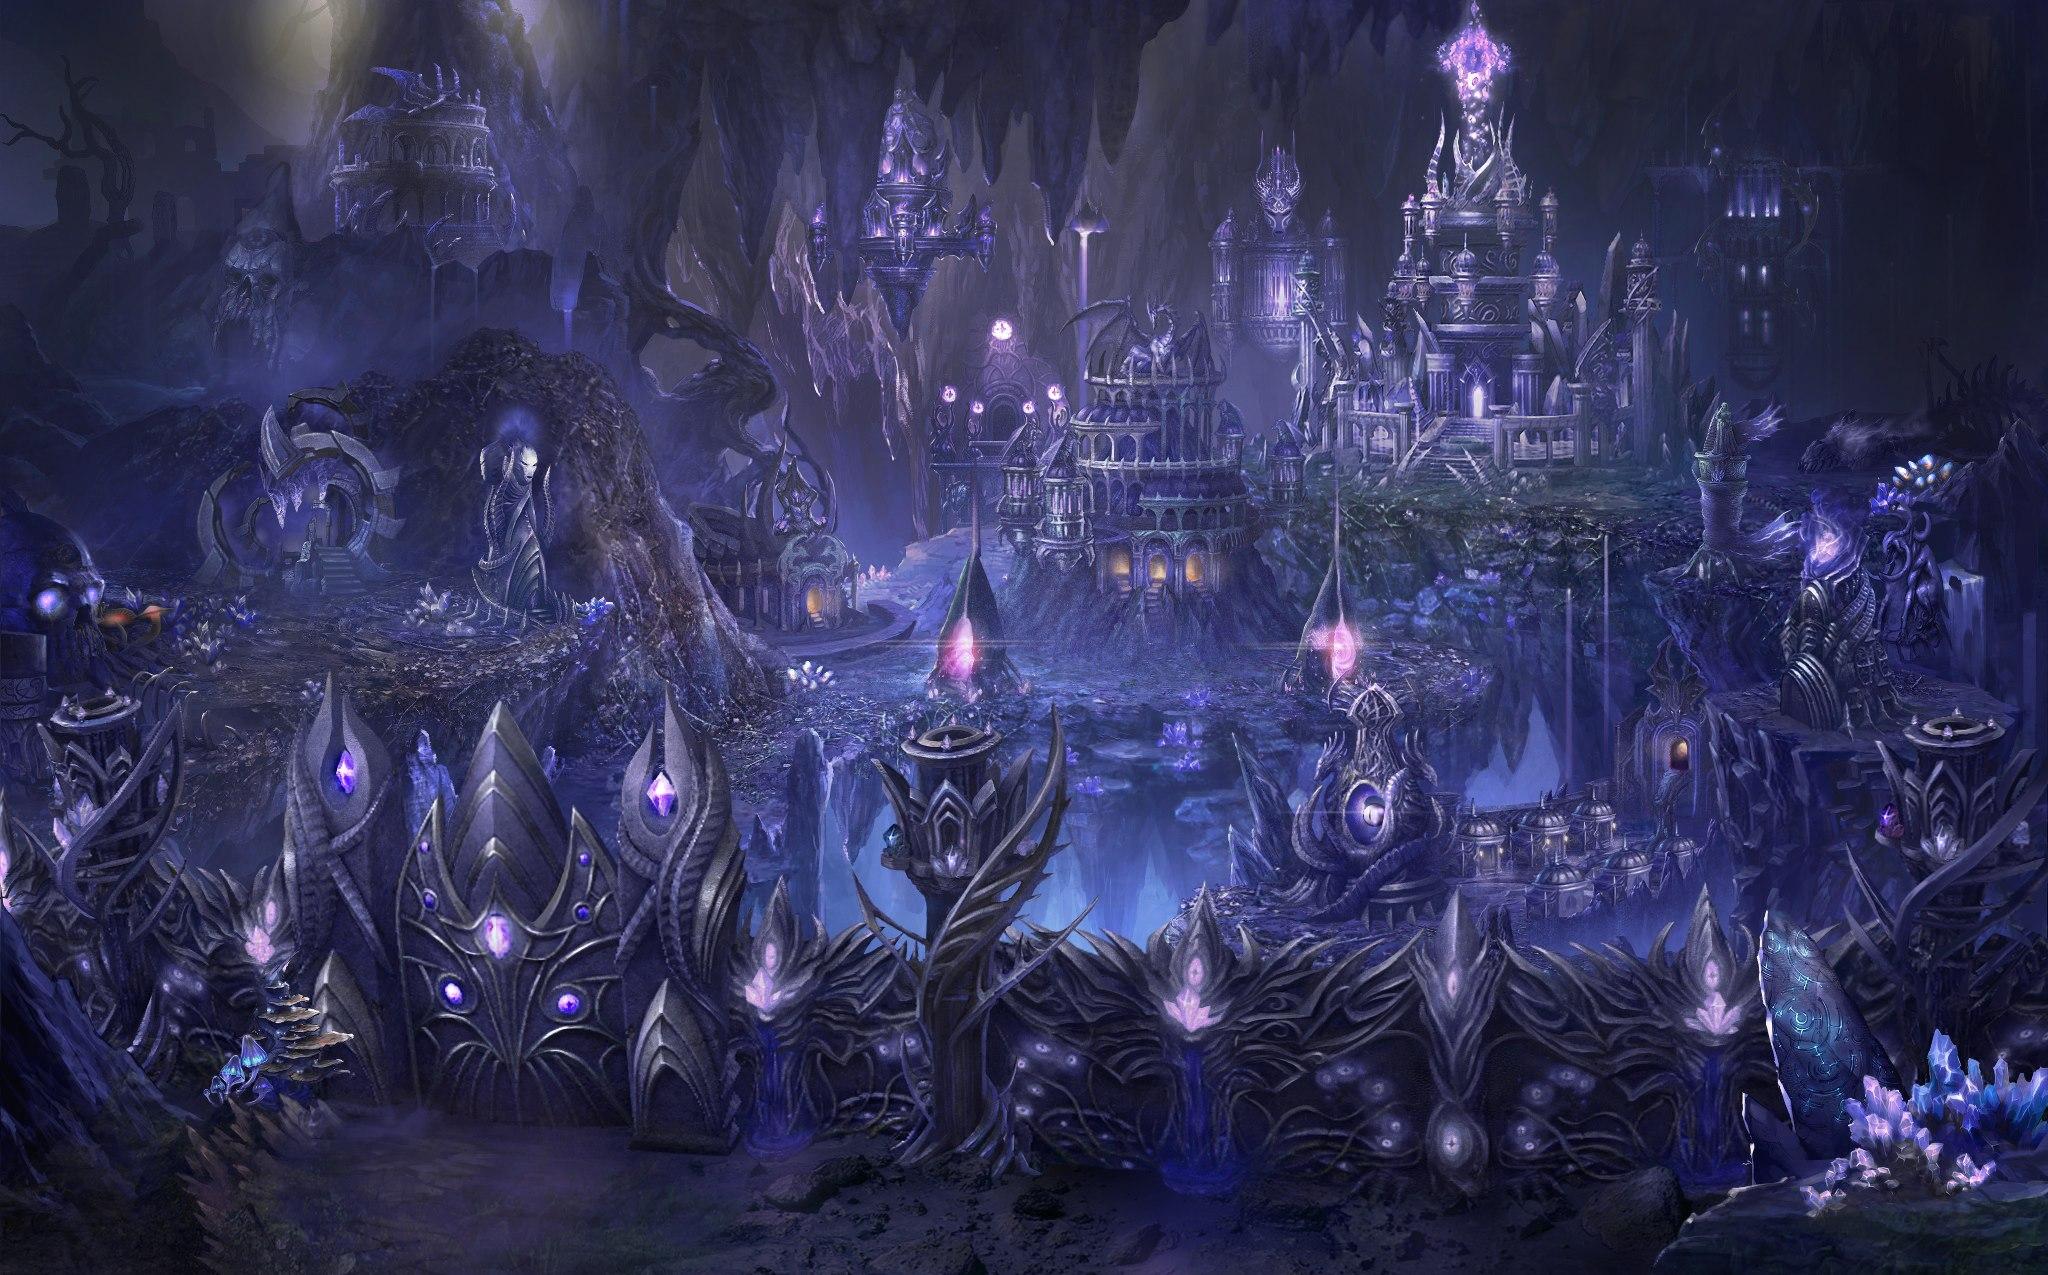 De ángeles y demonios: un cantar de fuego y sangre Dark_Elf_city